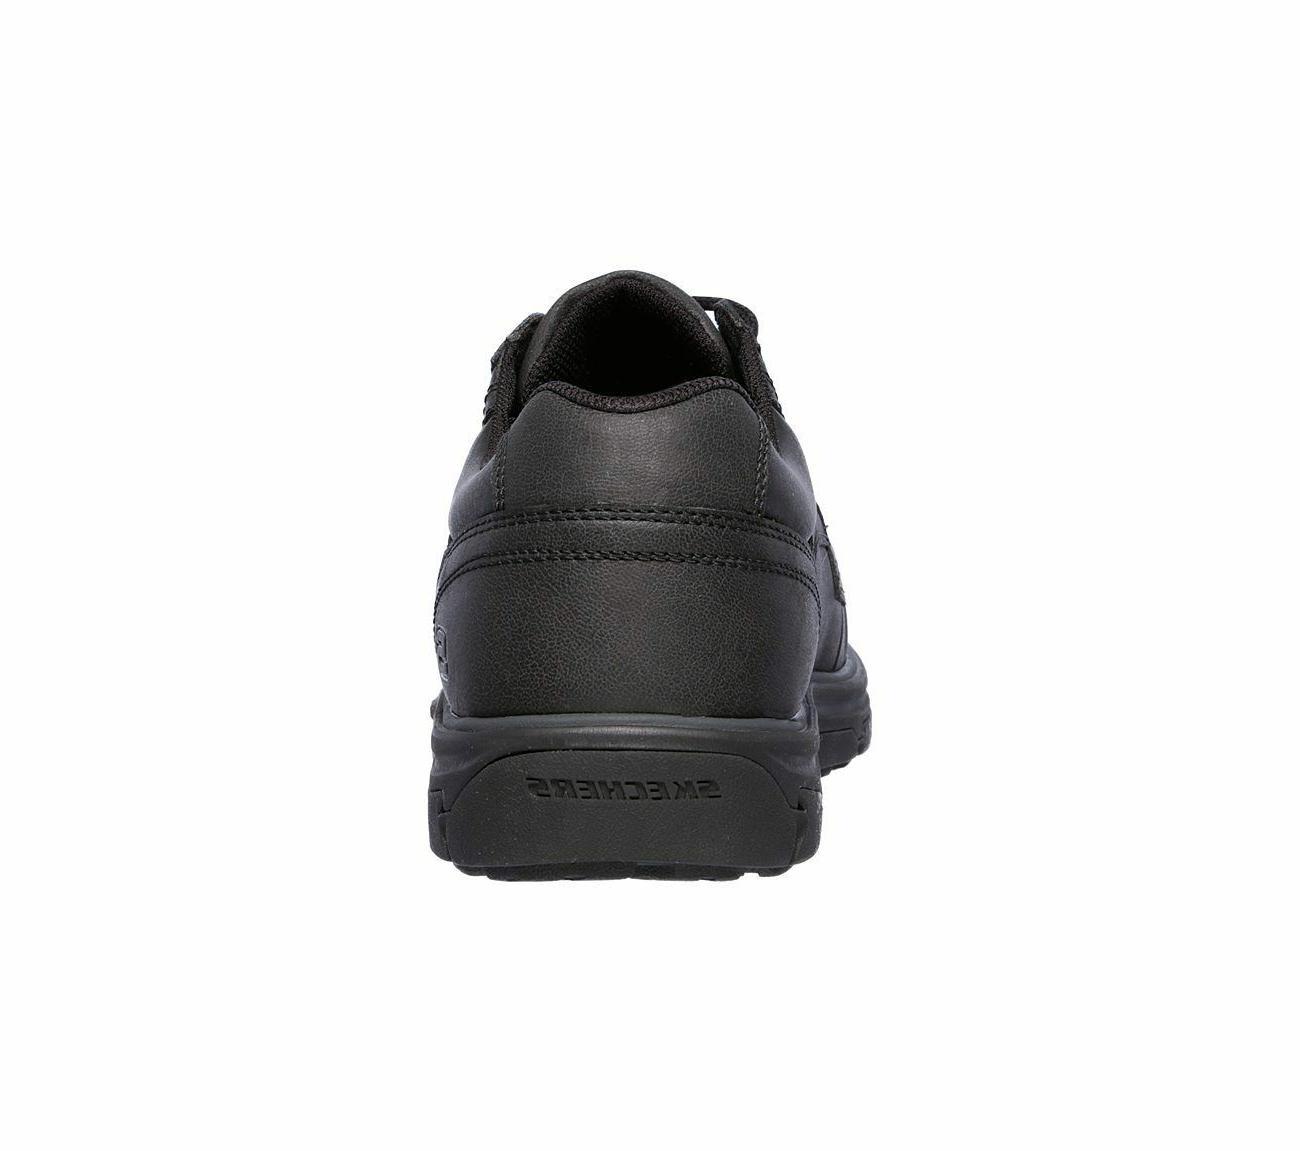 65567 Black shoes Men Memory Foam Comfort Casual Oxford